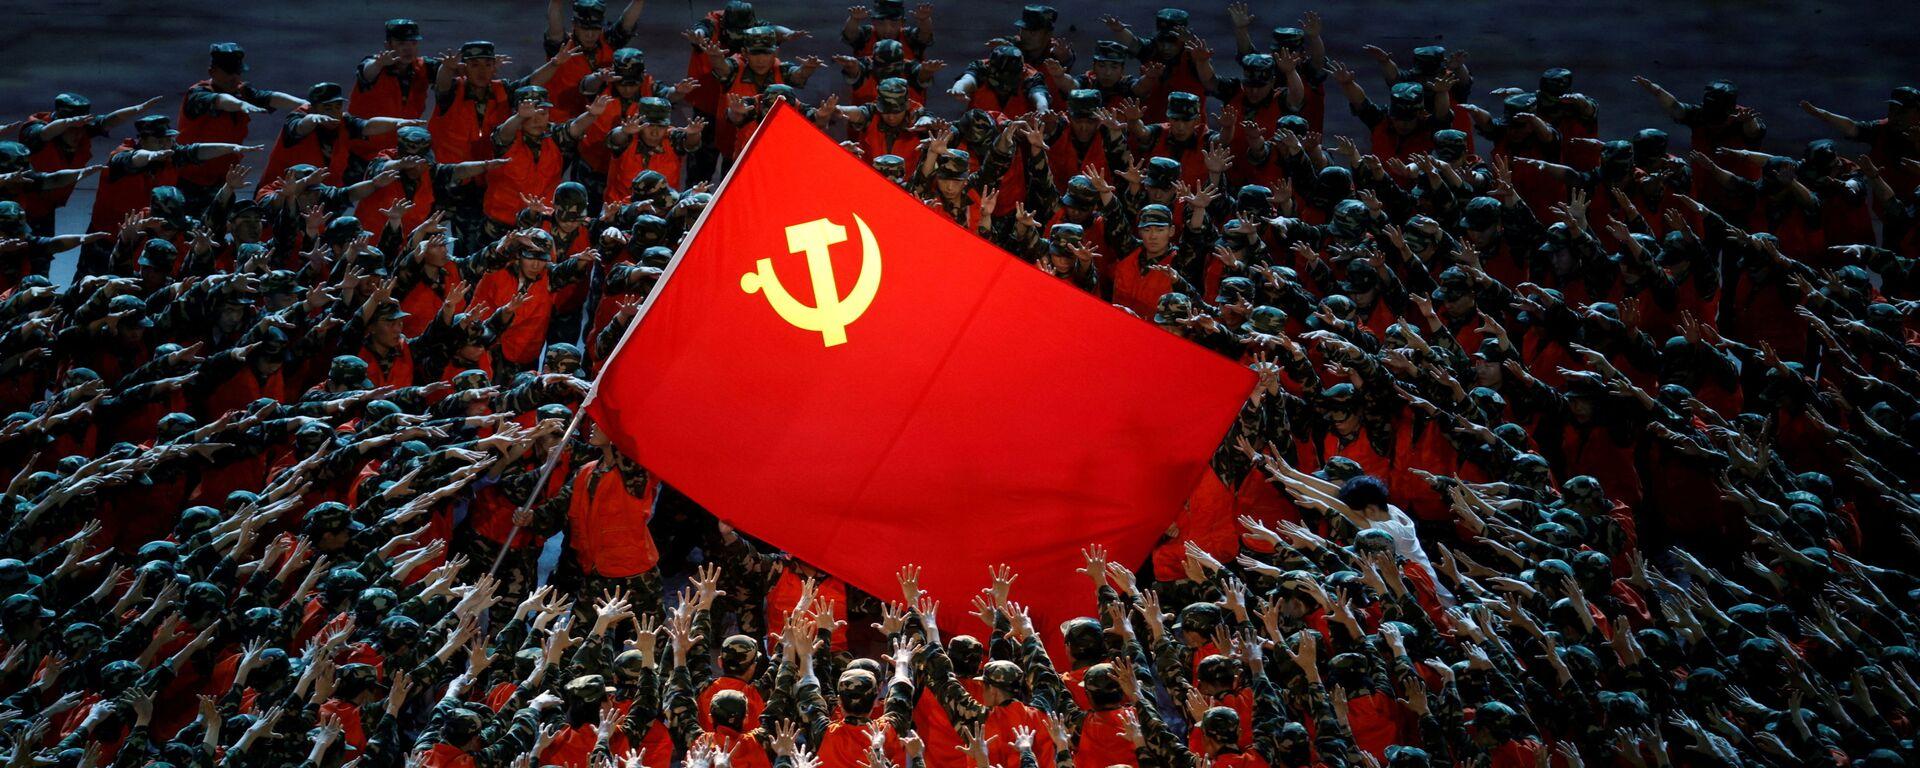 Buổi biểu diễn kỷ niệm 100 năm Đảng Cộng sản Trung Quốc tại Bắc Kinh - Sputnik Việt Nam, 1920, 06.07.2021